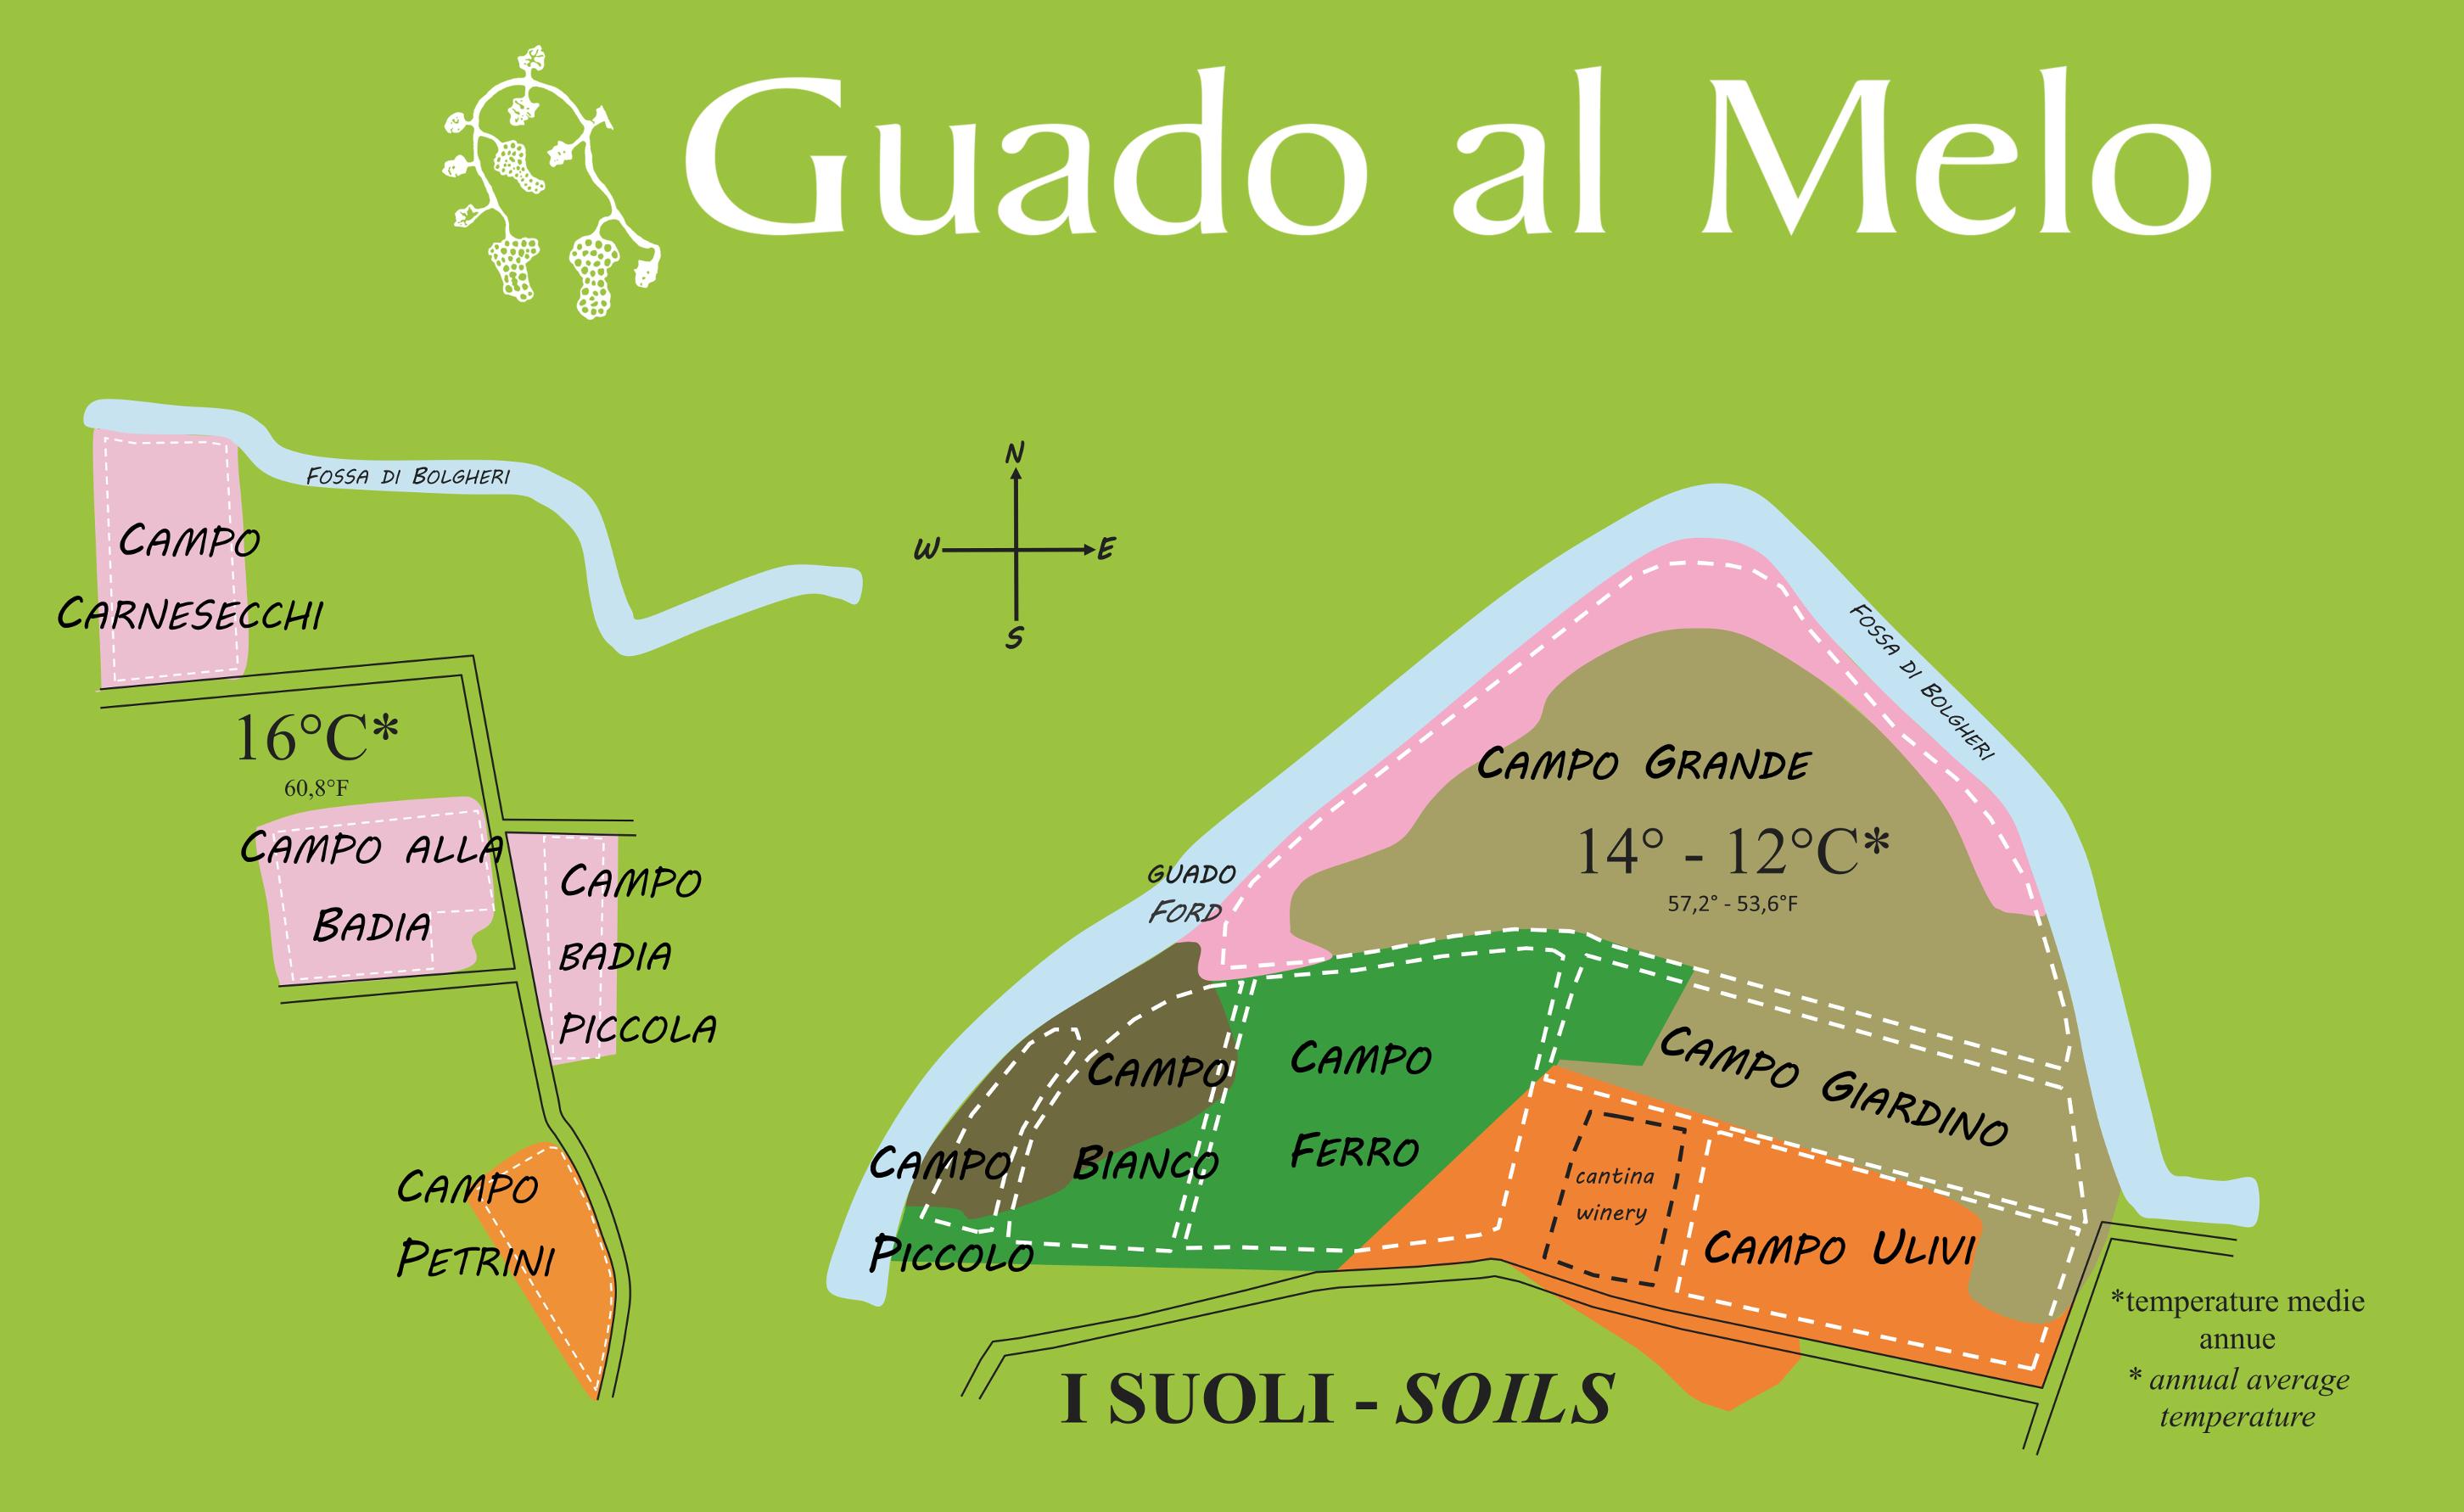 Zonazione Guado al Melo mappa